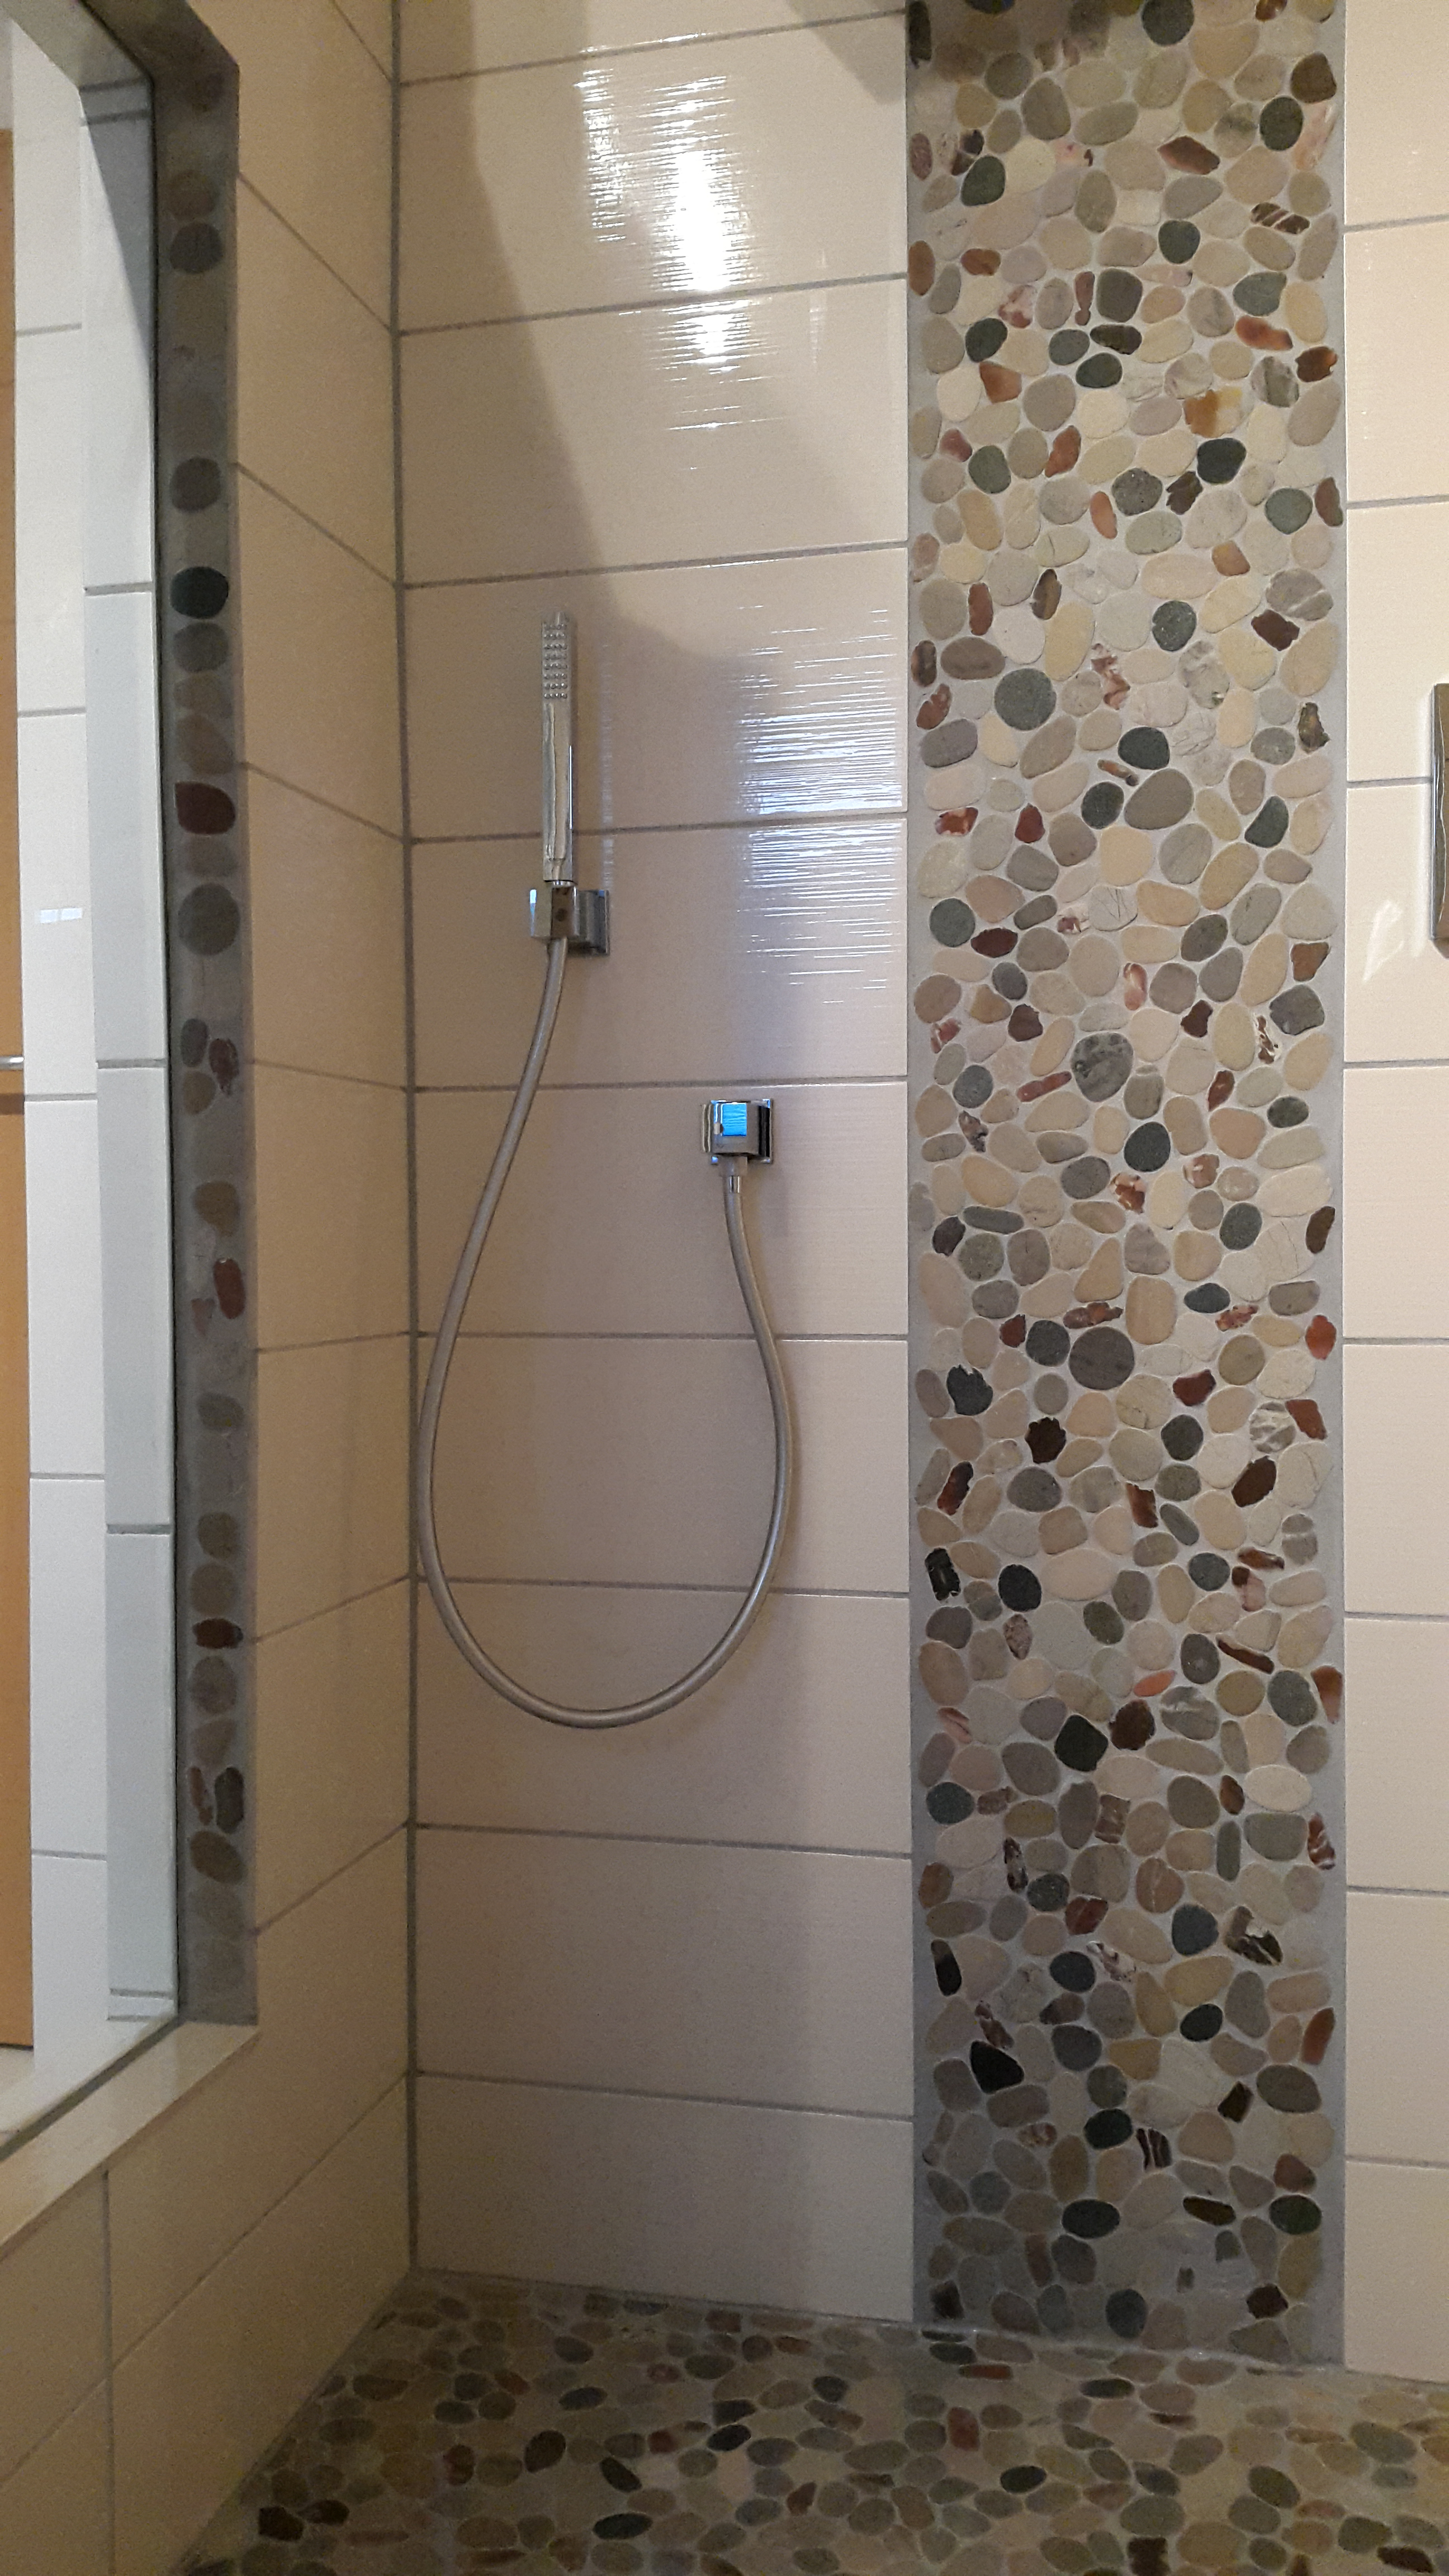 Neu Dusche Mit Bodenablauf, Flusssteinmosaik :: FLIESENONKEL CI09 Design Inspirations